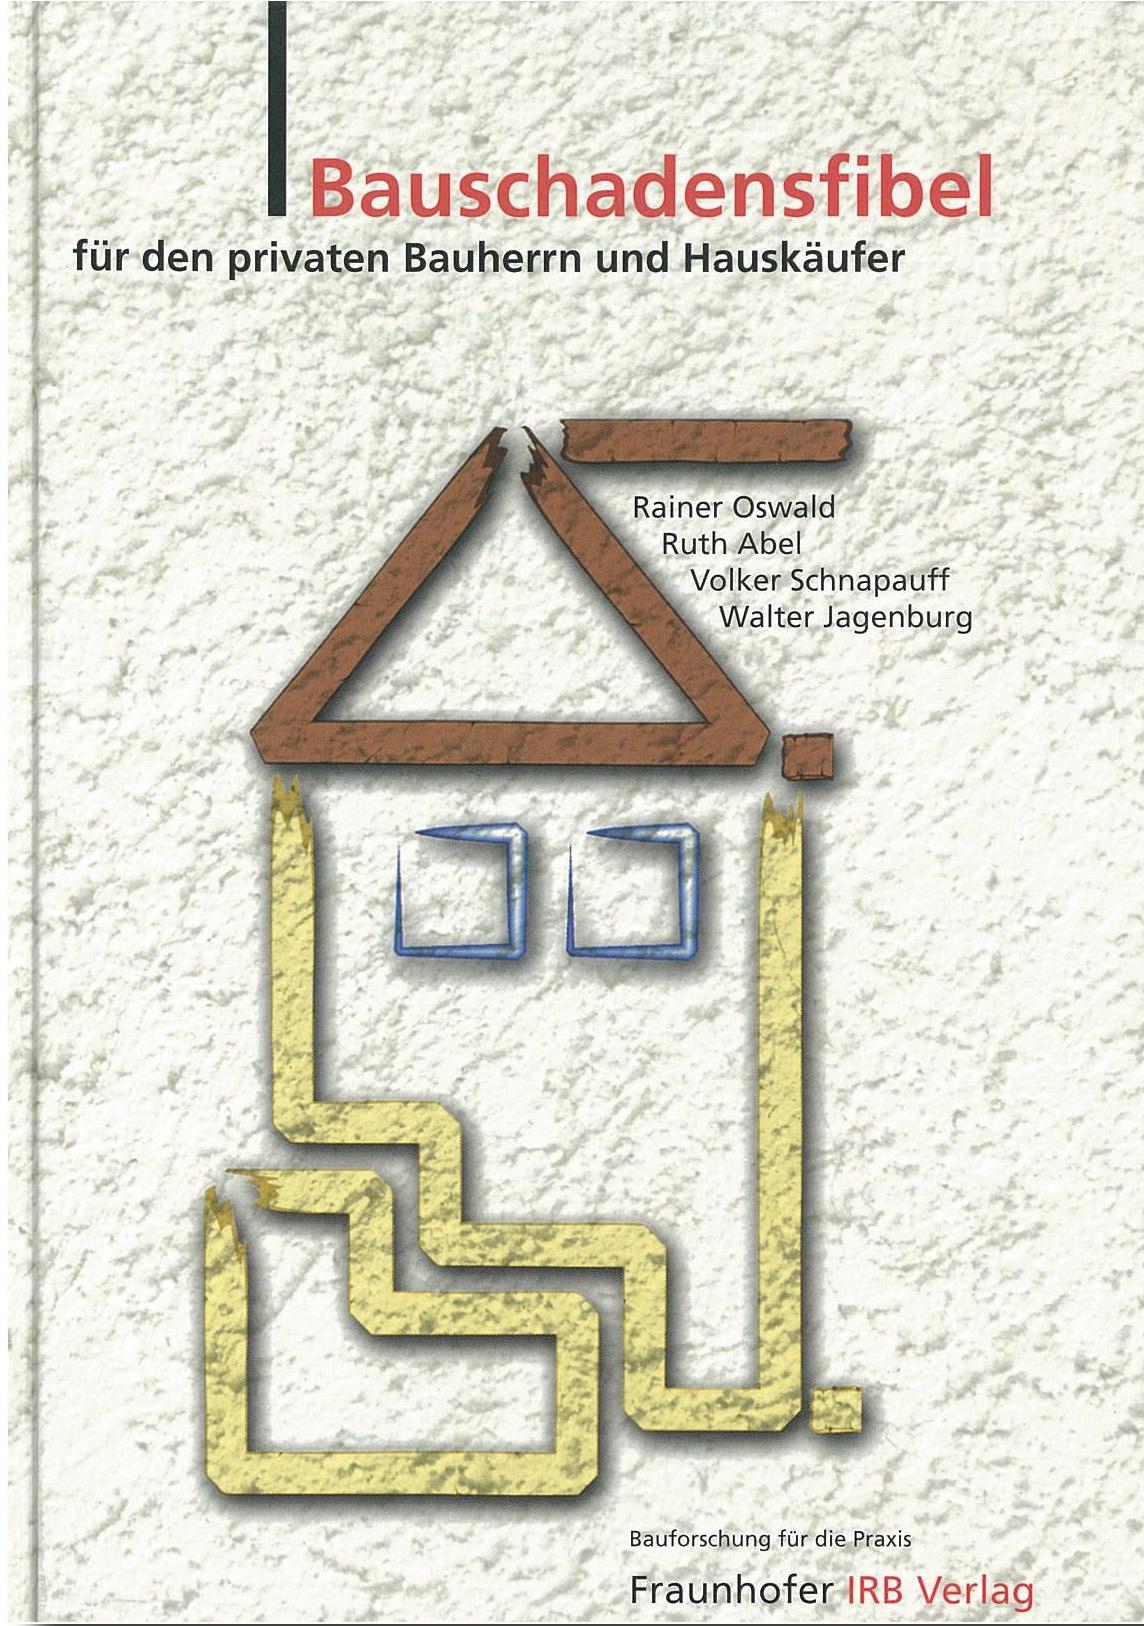 Forschungsbericht: Bauschadensfibel für den privaten Bauherrn und Hauskäufer